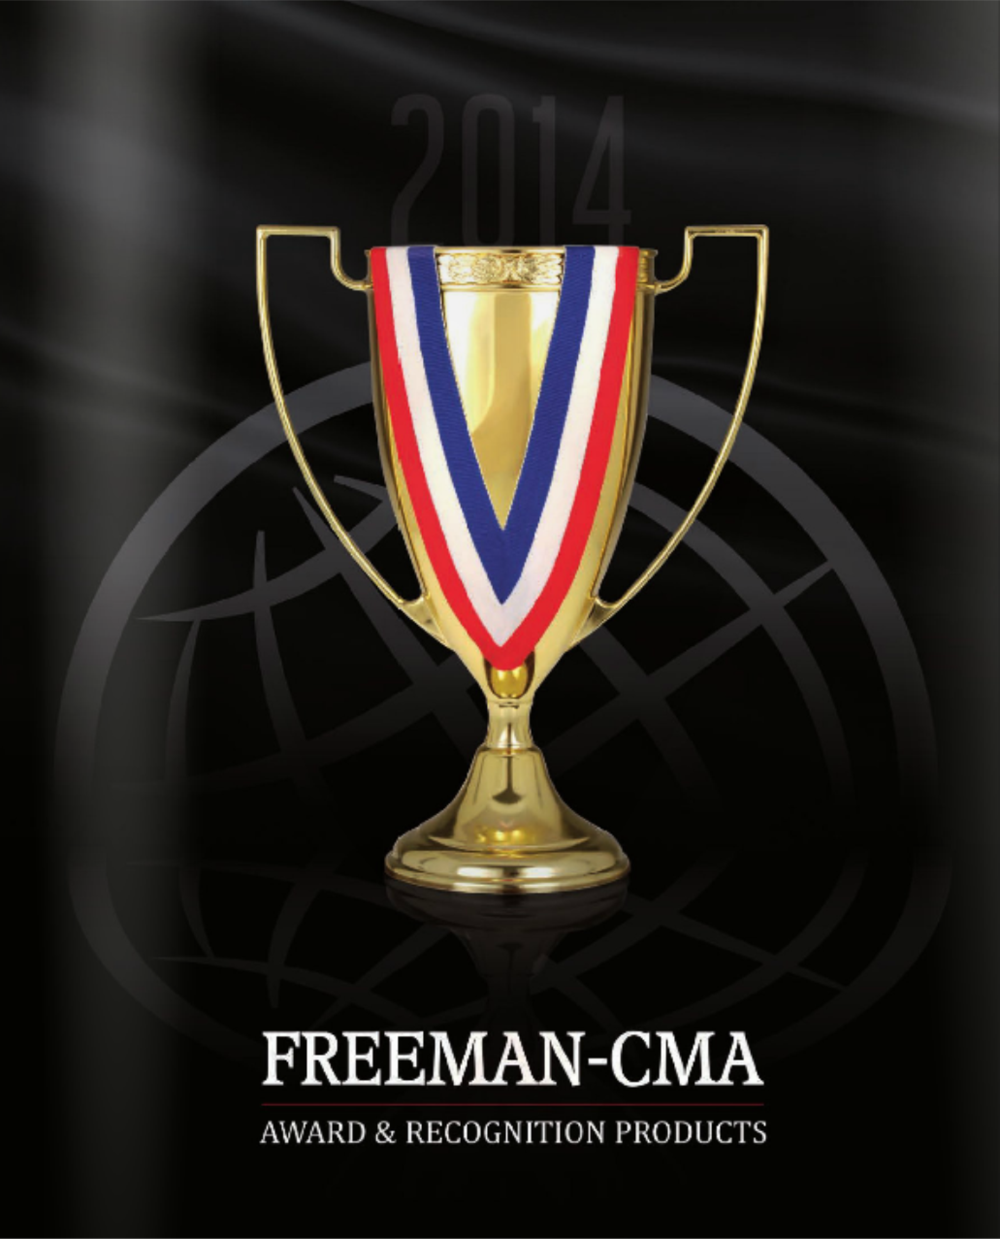 Freeman-CMA